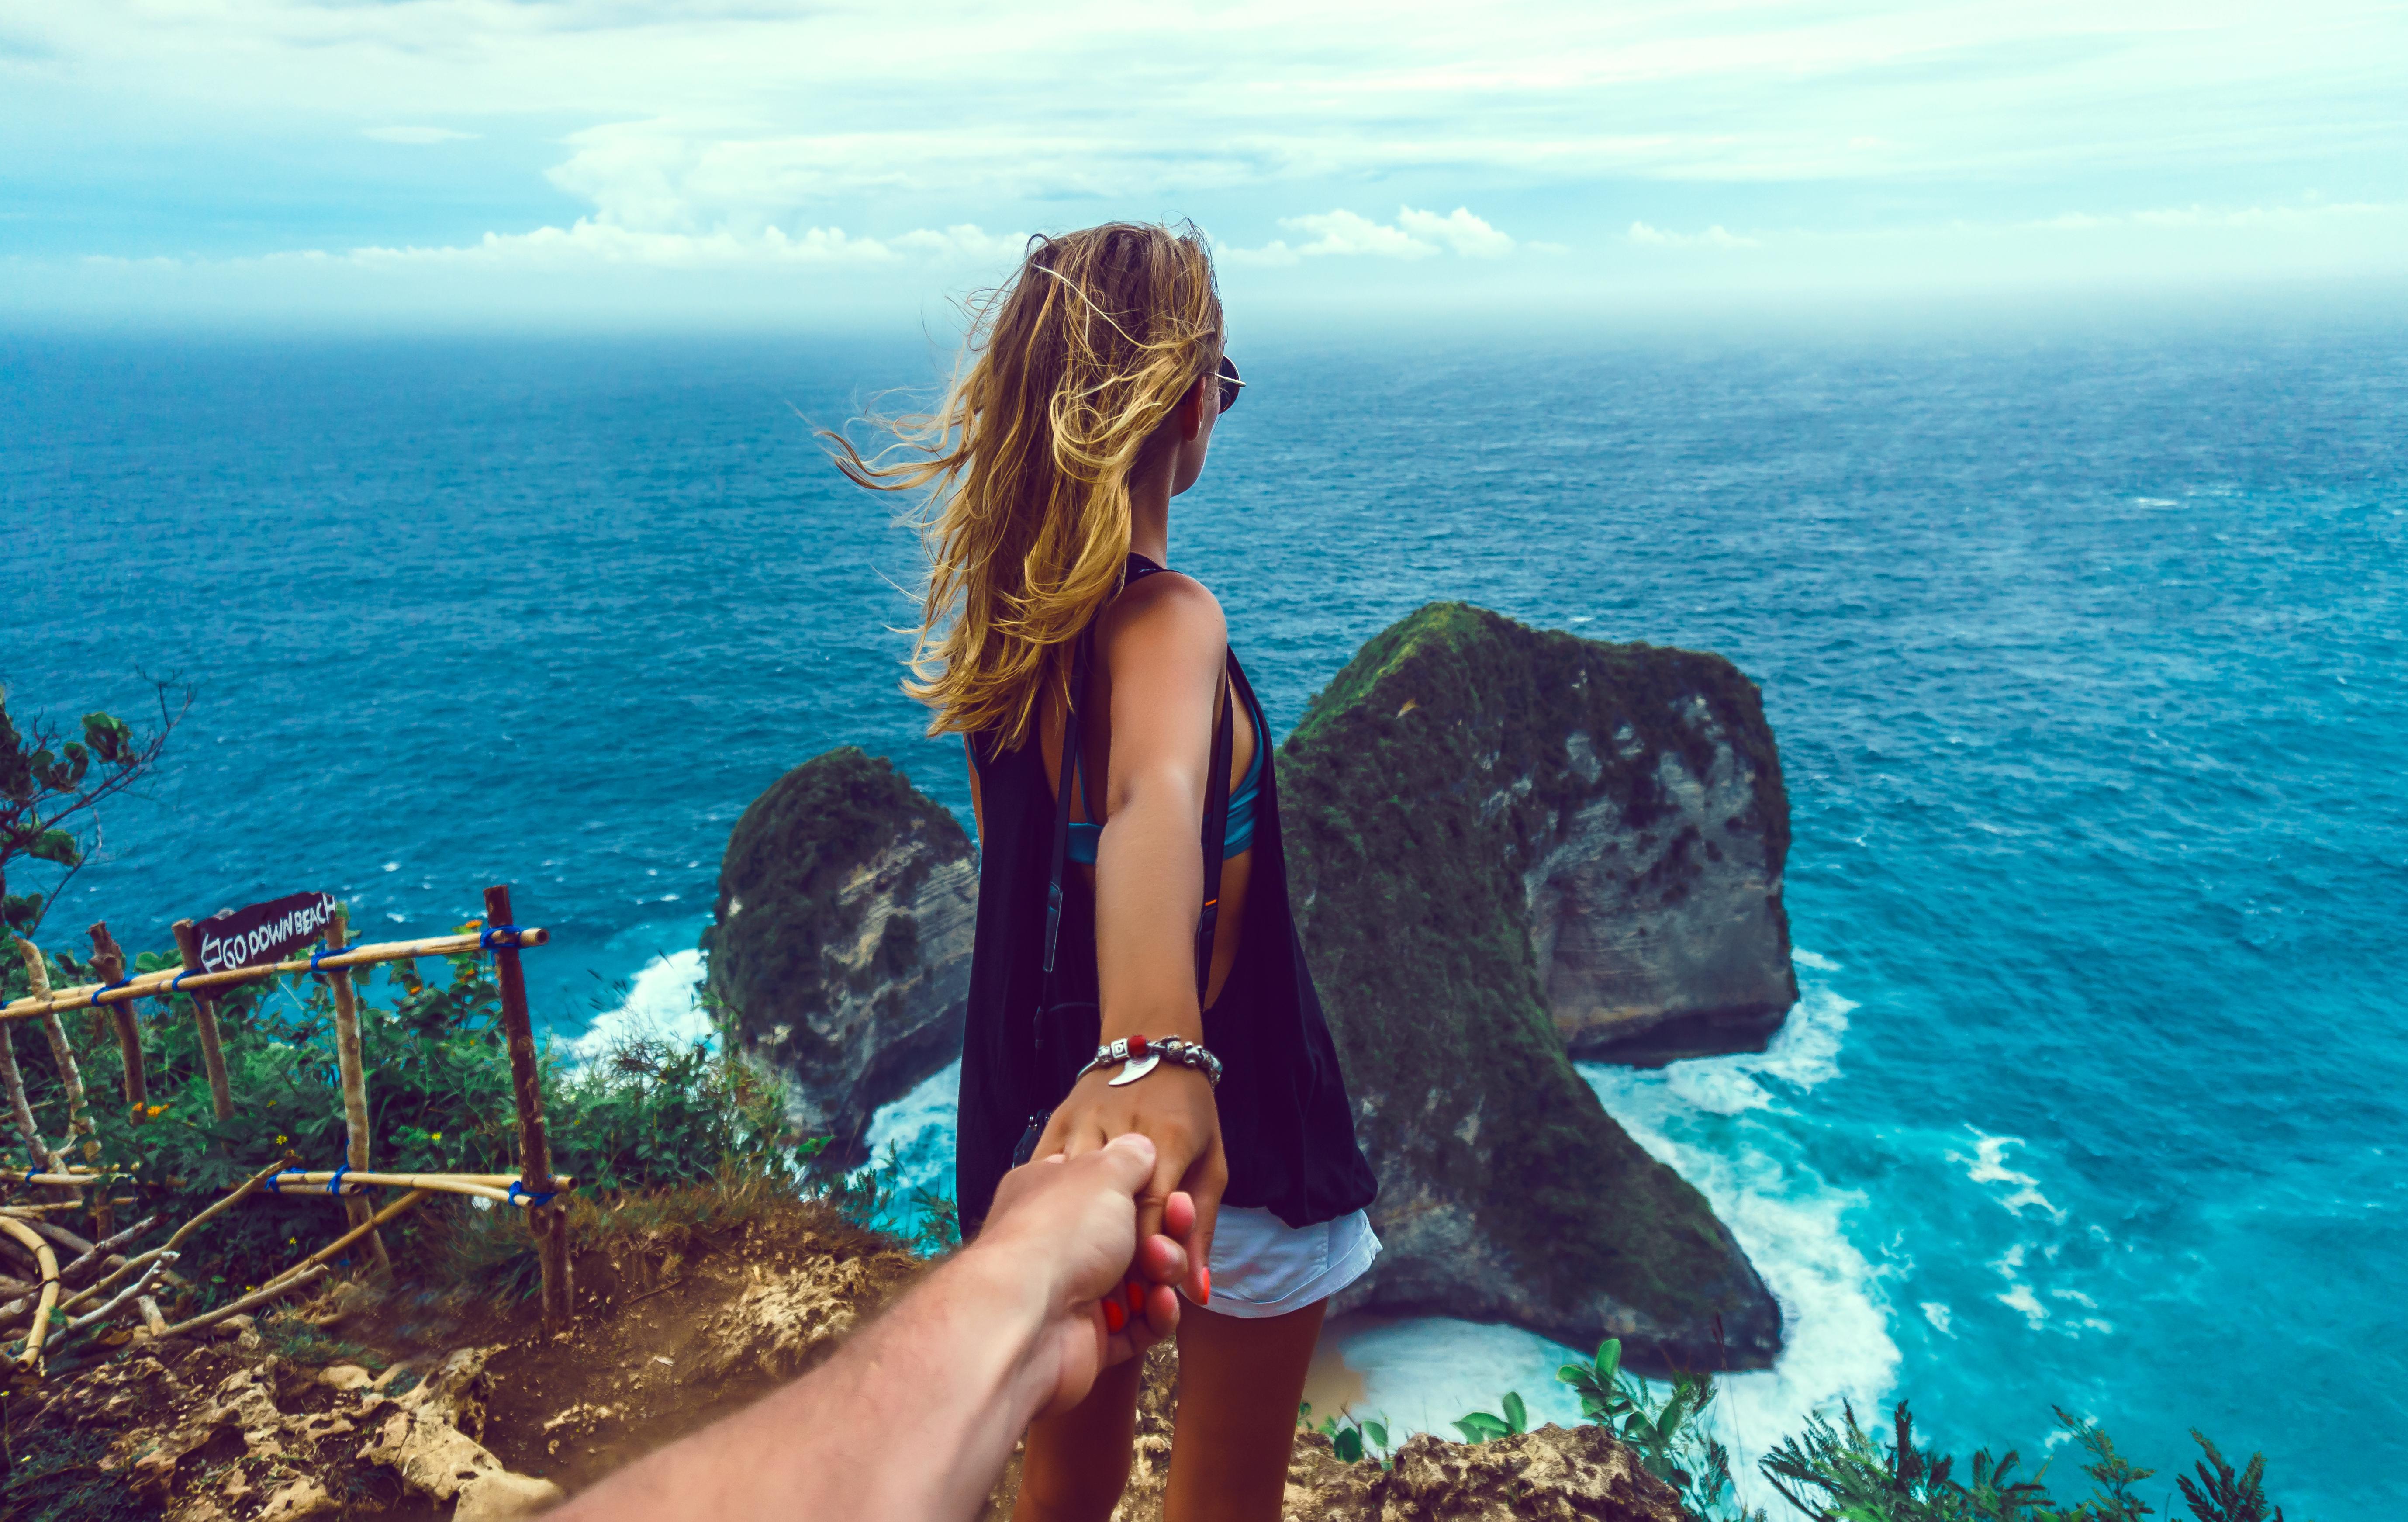 Podróż poślubna na własną rękę - zdjęcie 3